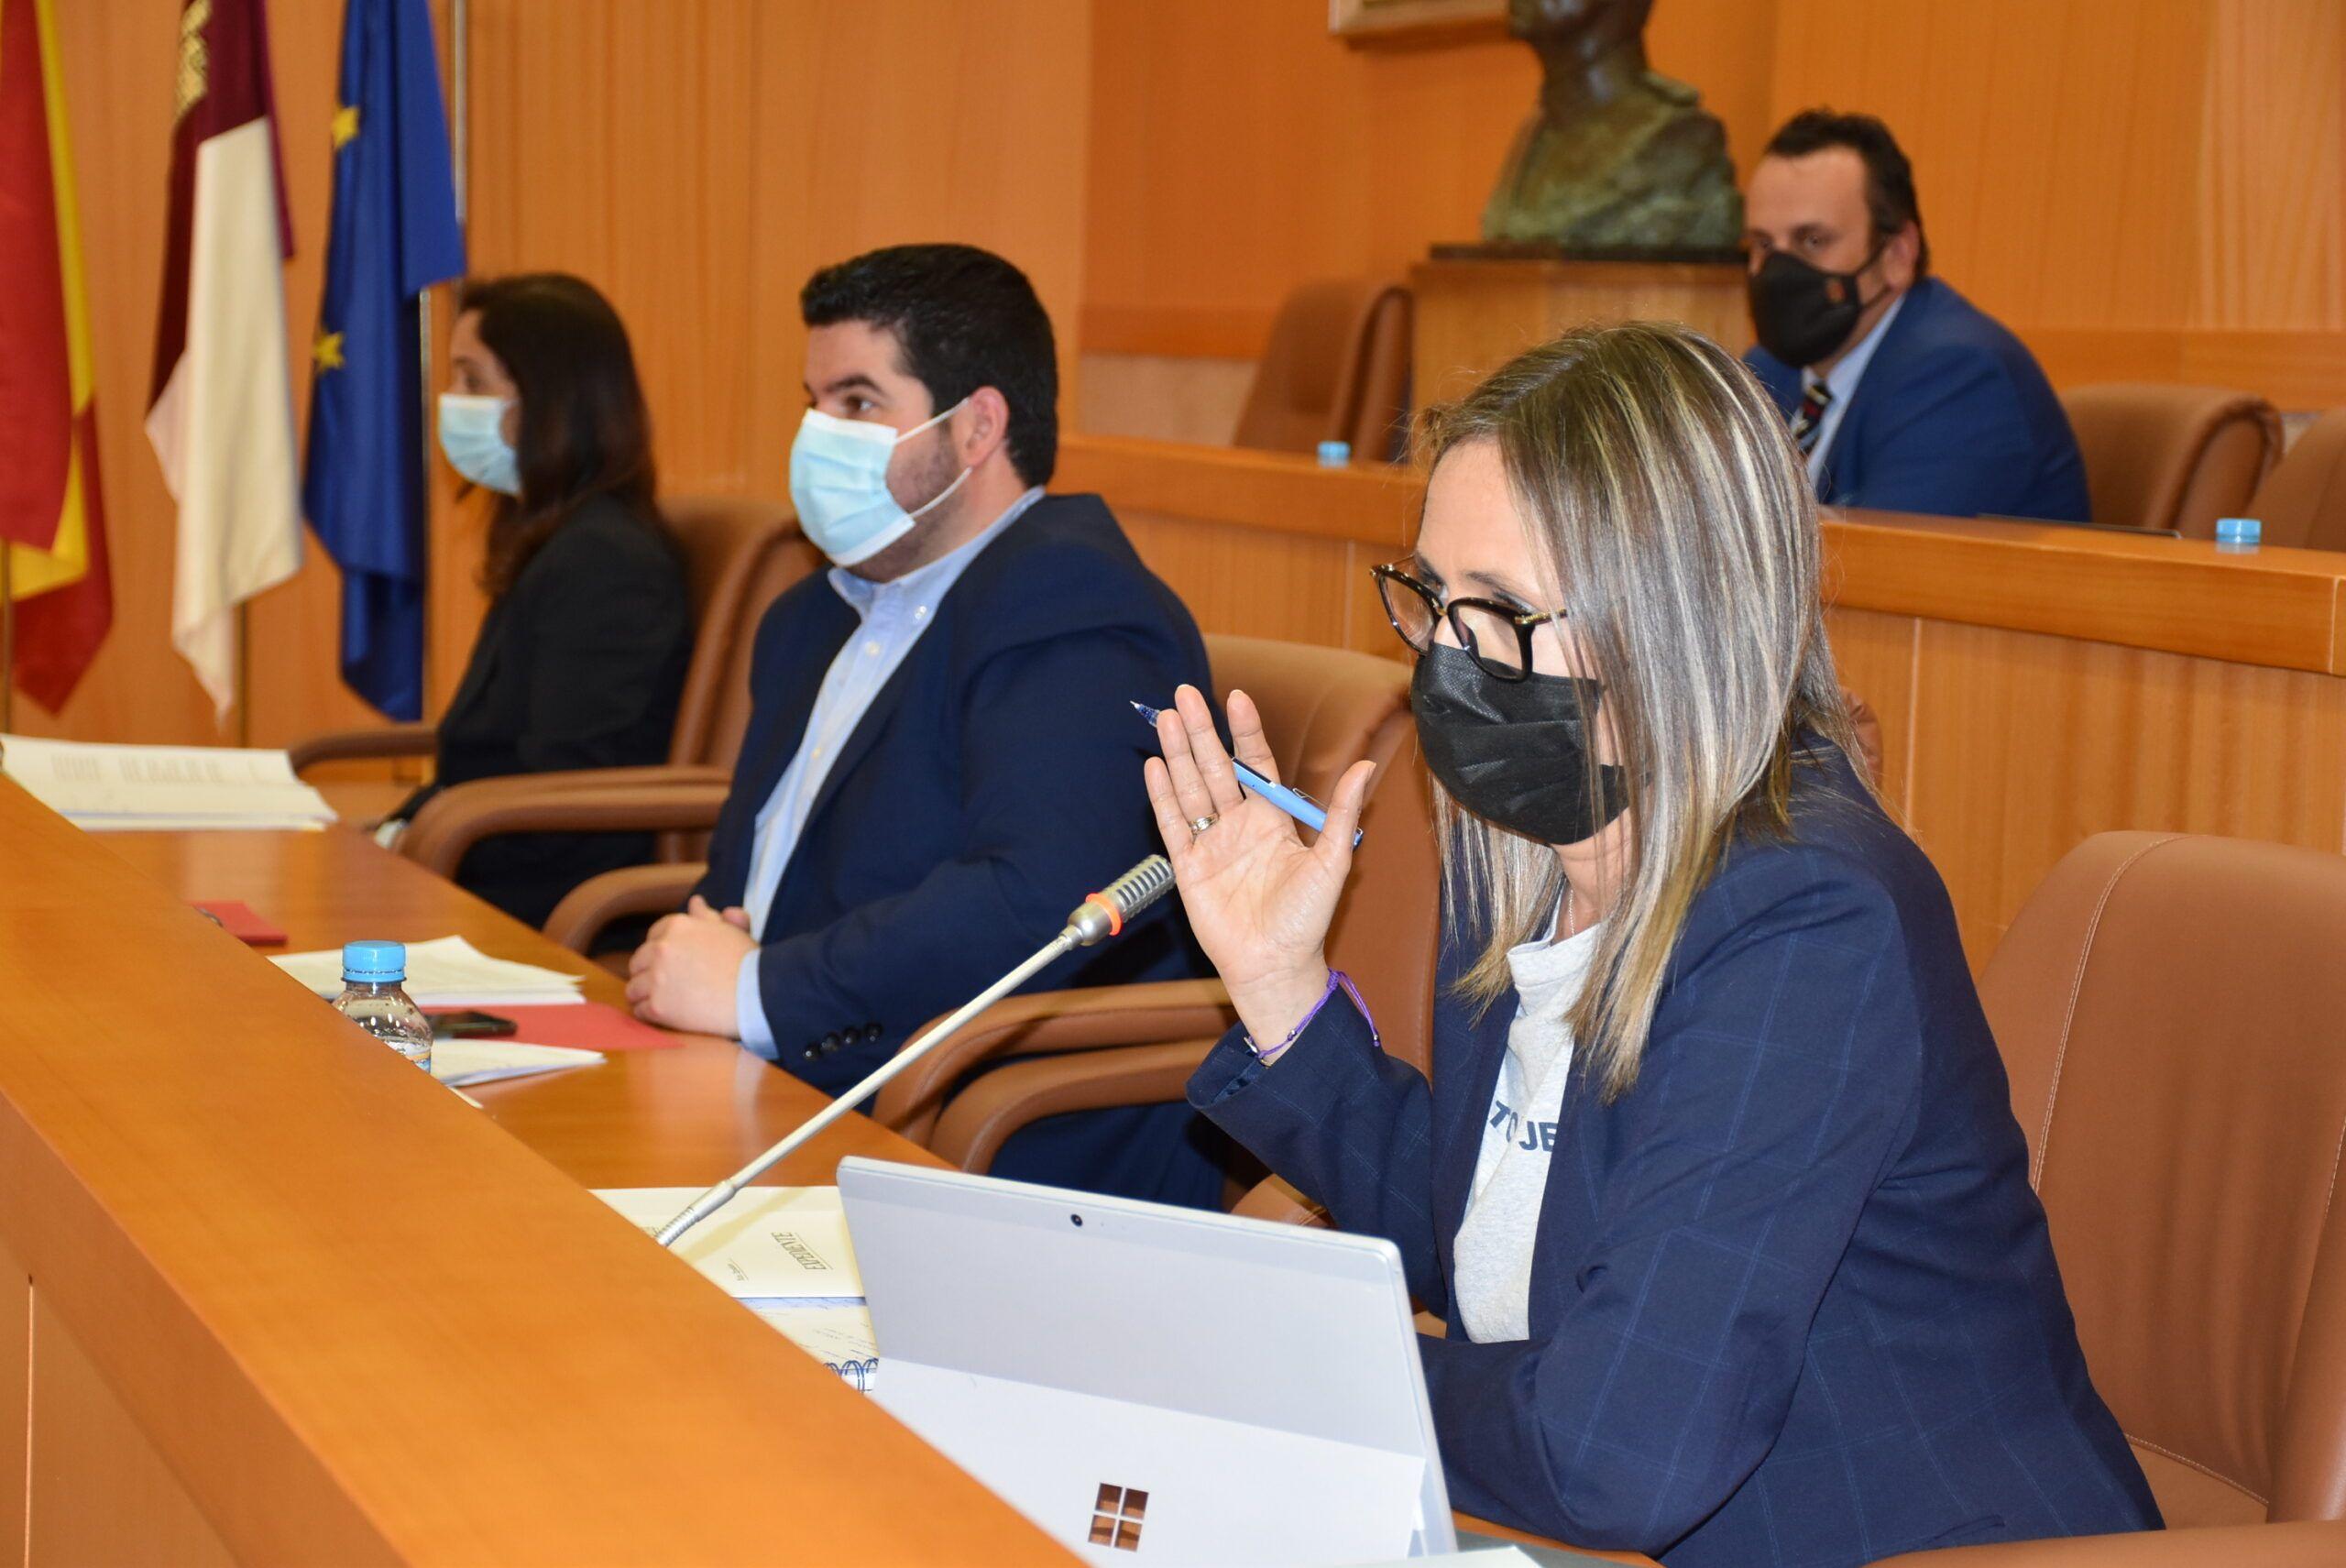 El Pleno municipal apoya la búsqueda de soluciones a las demandas y reivindicaciones de la plataforma de los caminos públicos